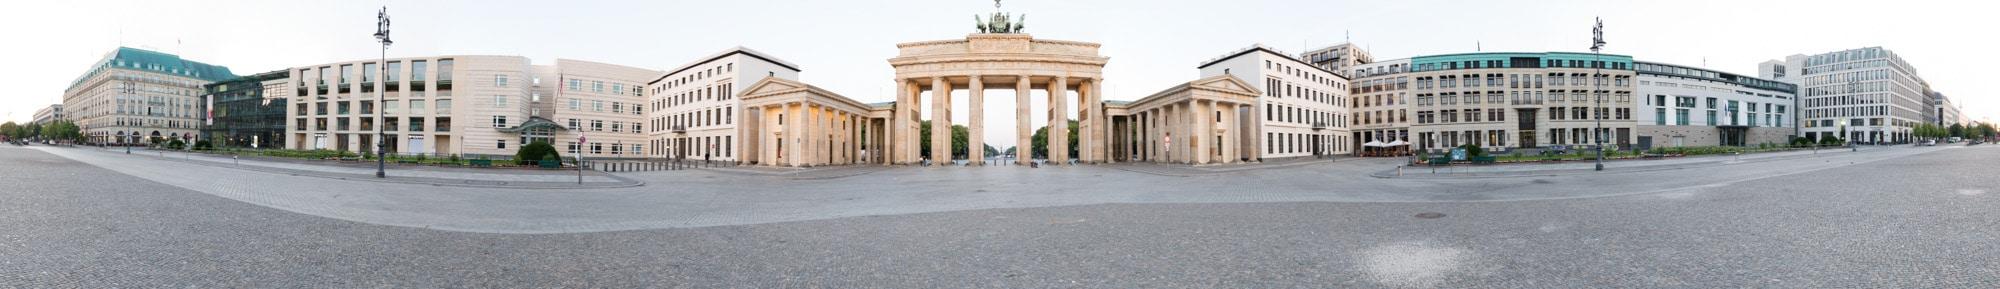 Panorama Brandenburger Tor fertig, (Foto copyright - Frank Weber - Berlin - www.fotologbuch.de)